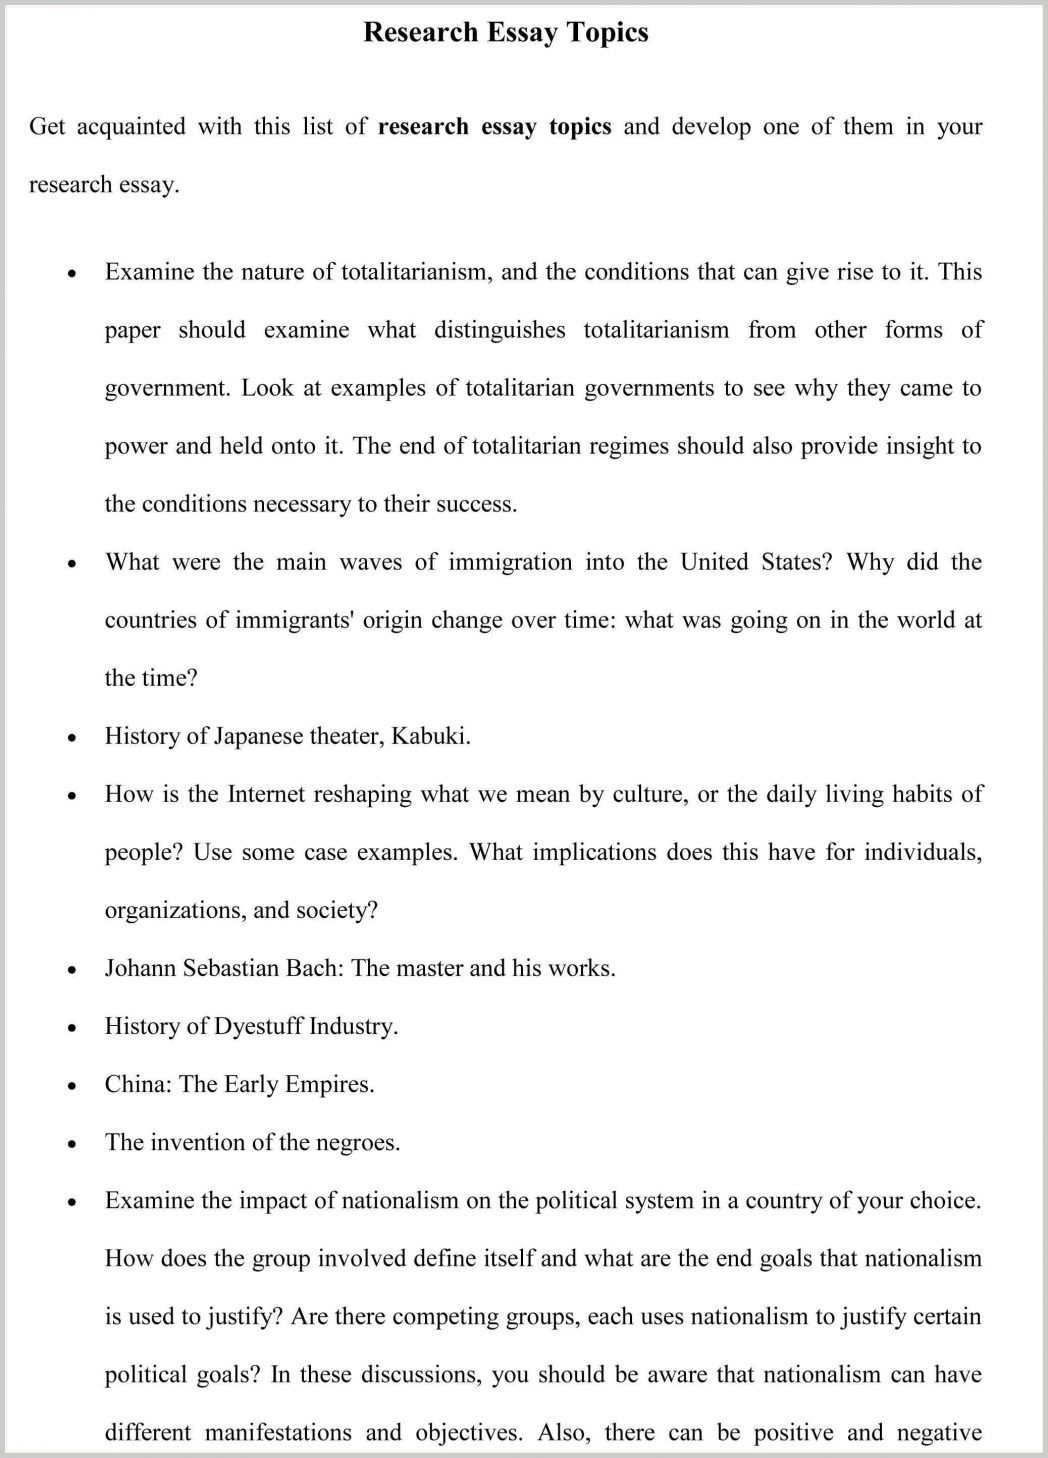 Global Economy Essay Topics Essay Topics Essay Persuasive Essay Topics